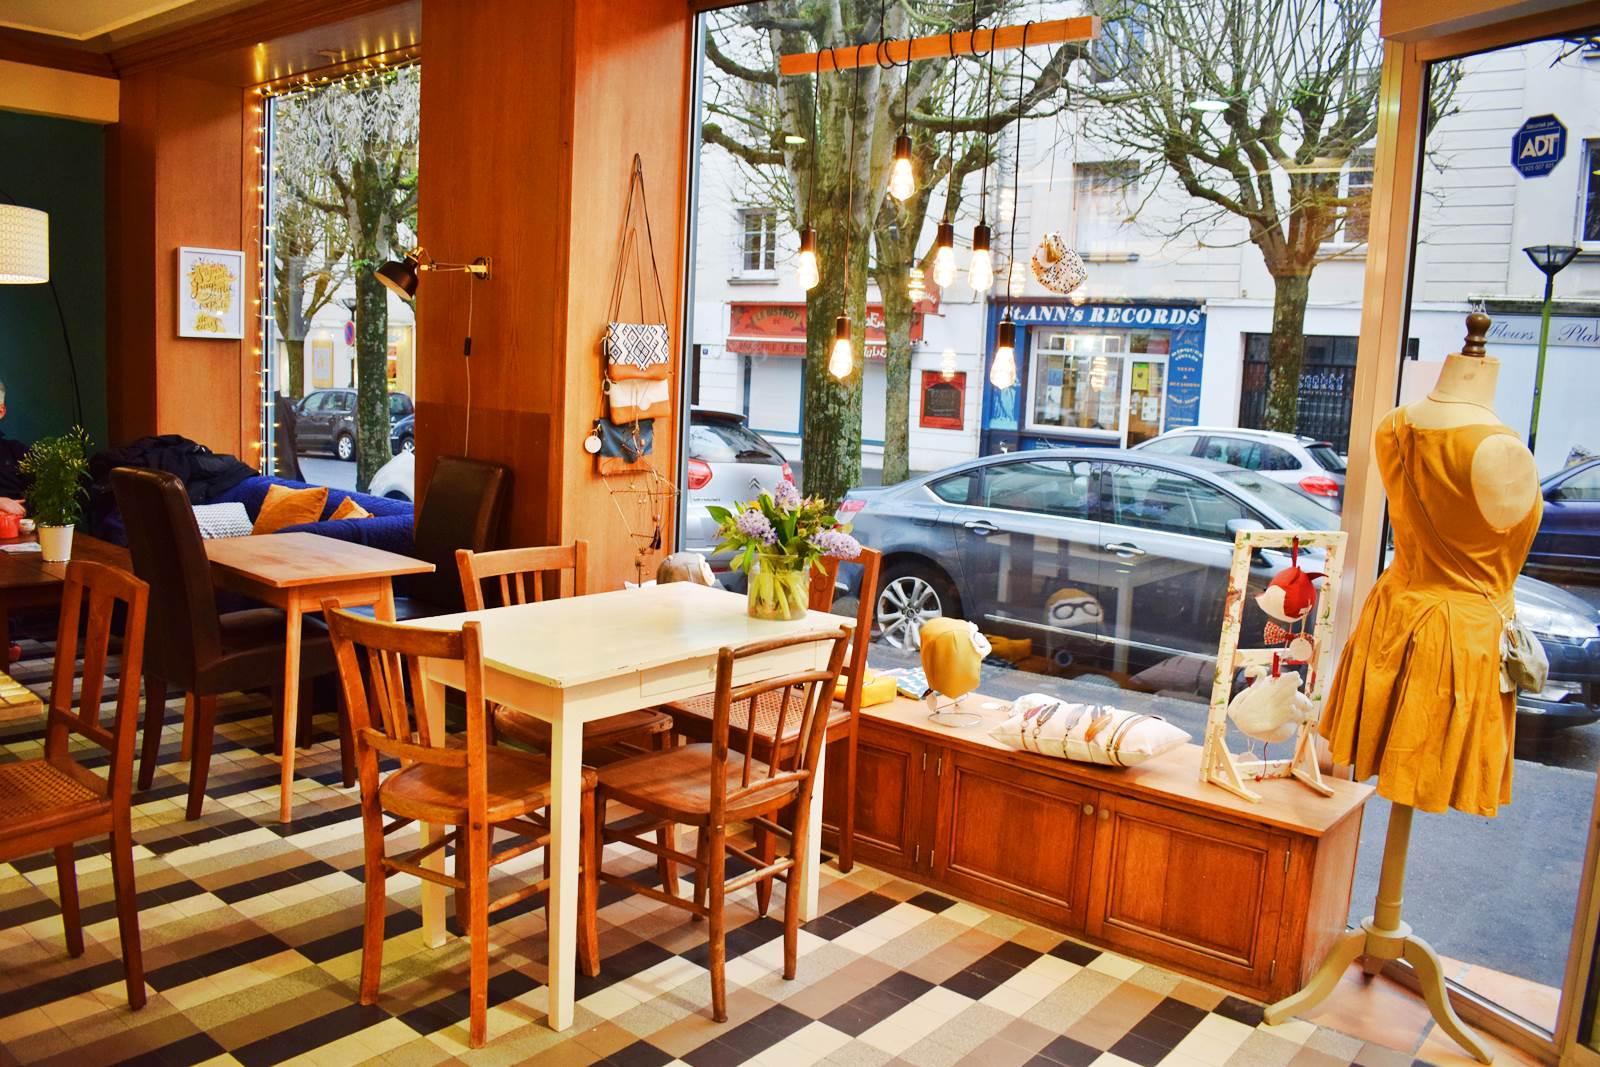 Bloom un salon de th multifacette et z ro d chet for Salon de voyage